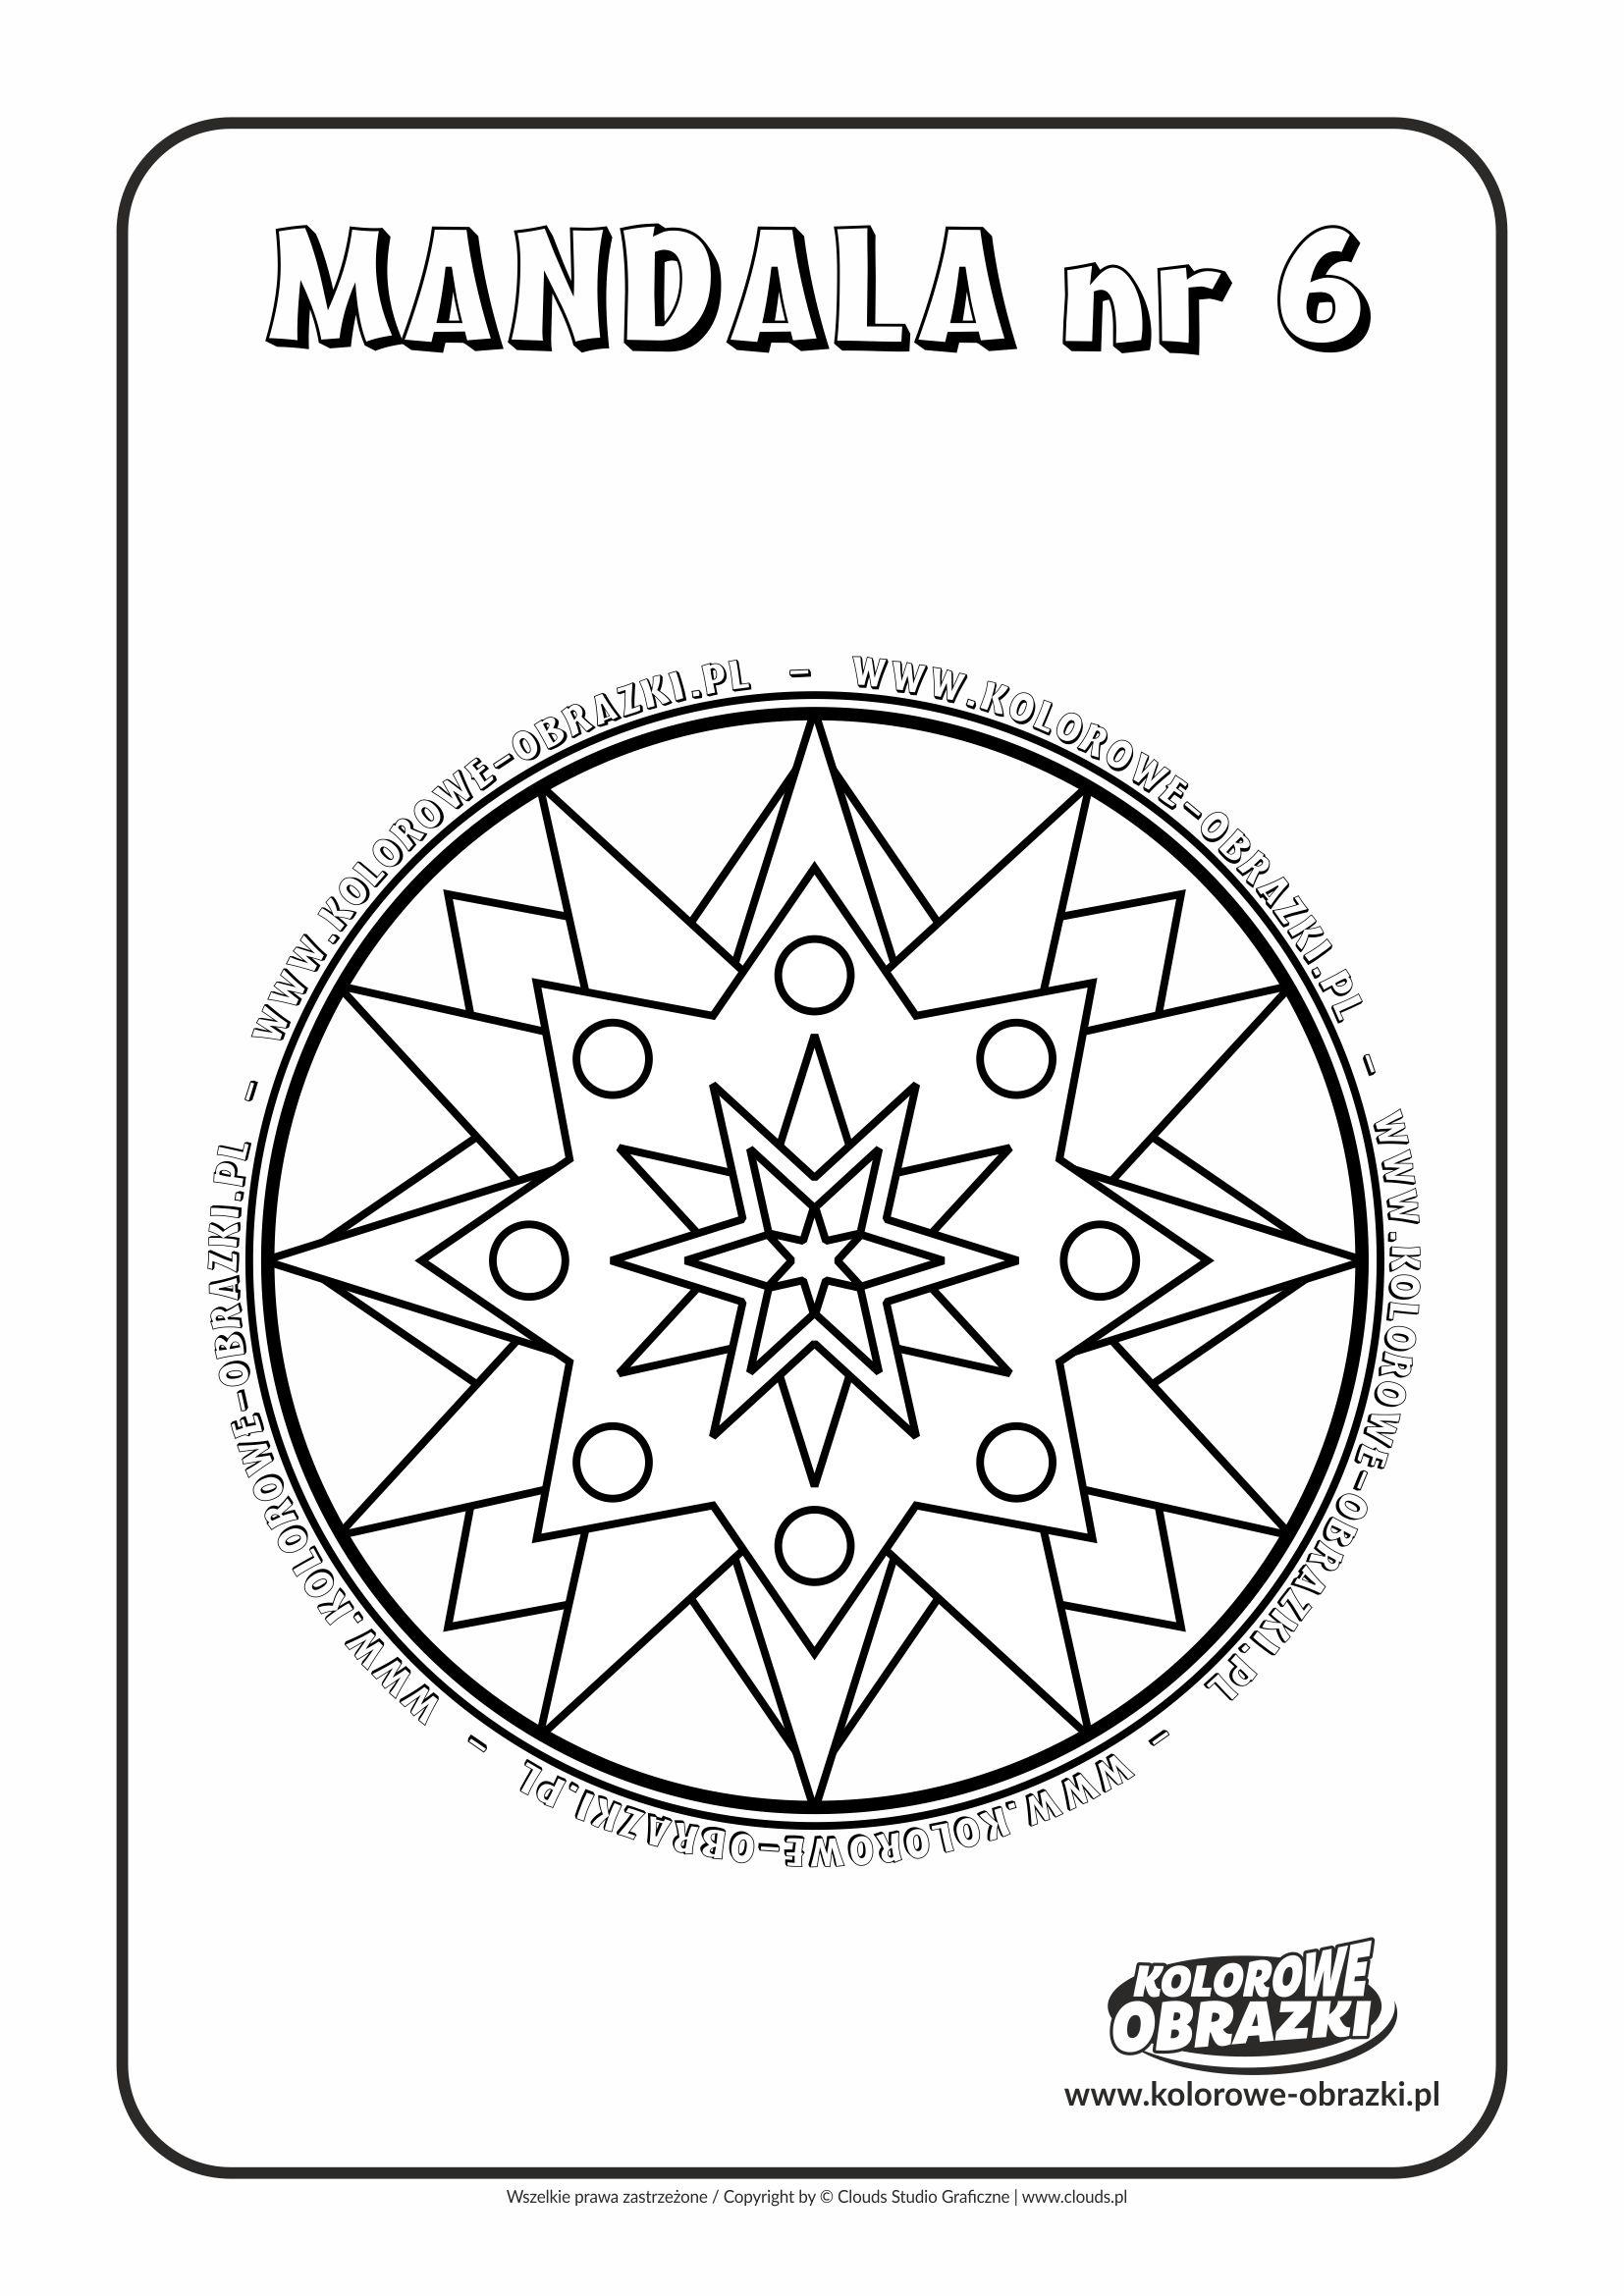 Kolorowanki dla dzieci - Mandale / Mandala nr 6. Kolorowanka z mandalą